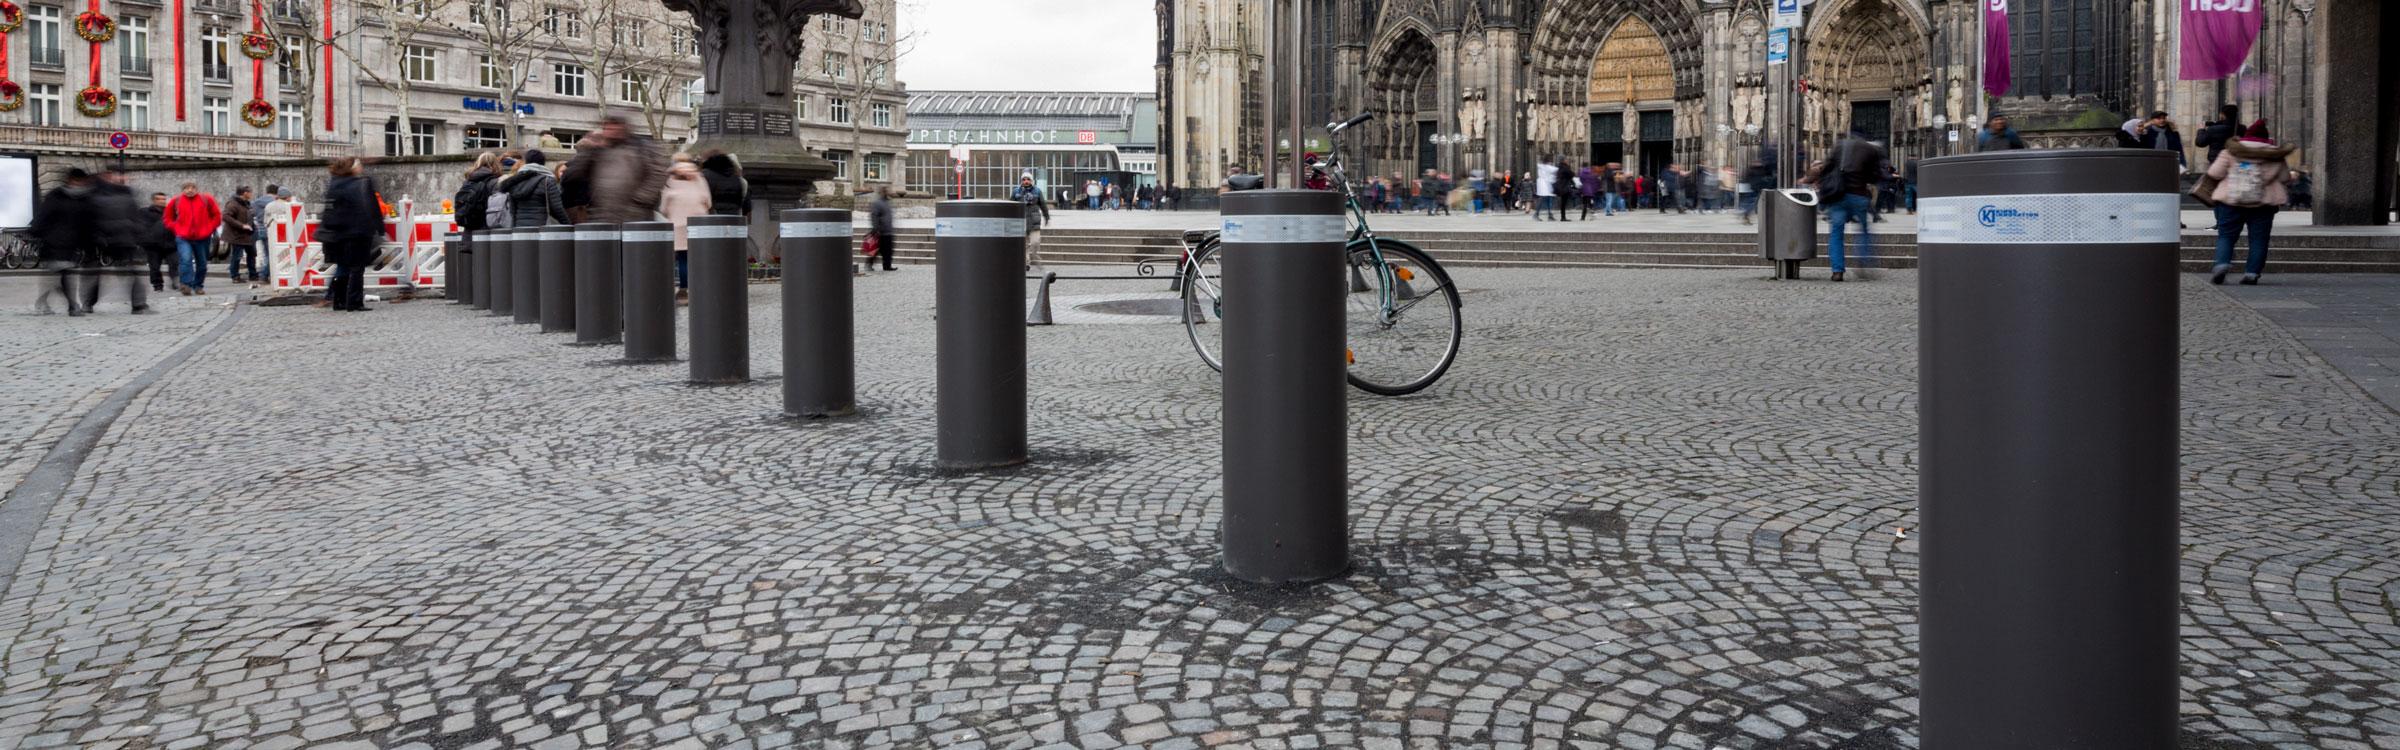 Sicherheitspoller in Köln